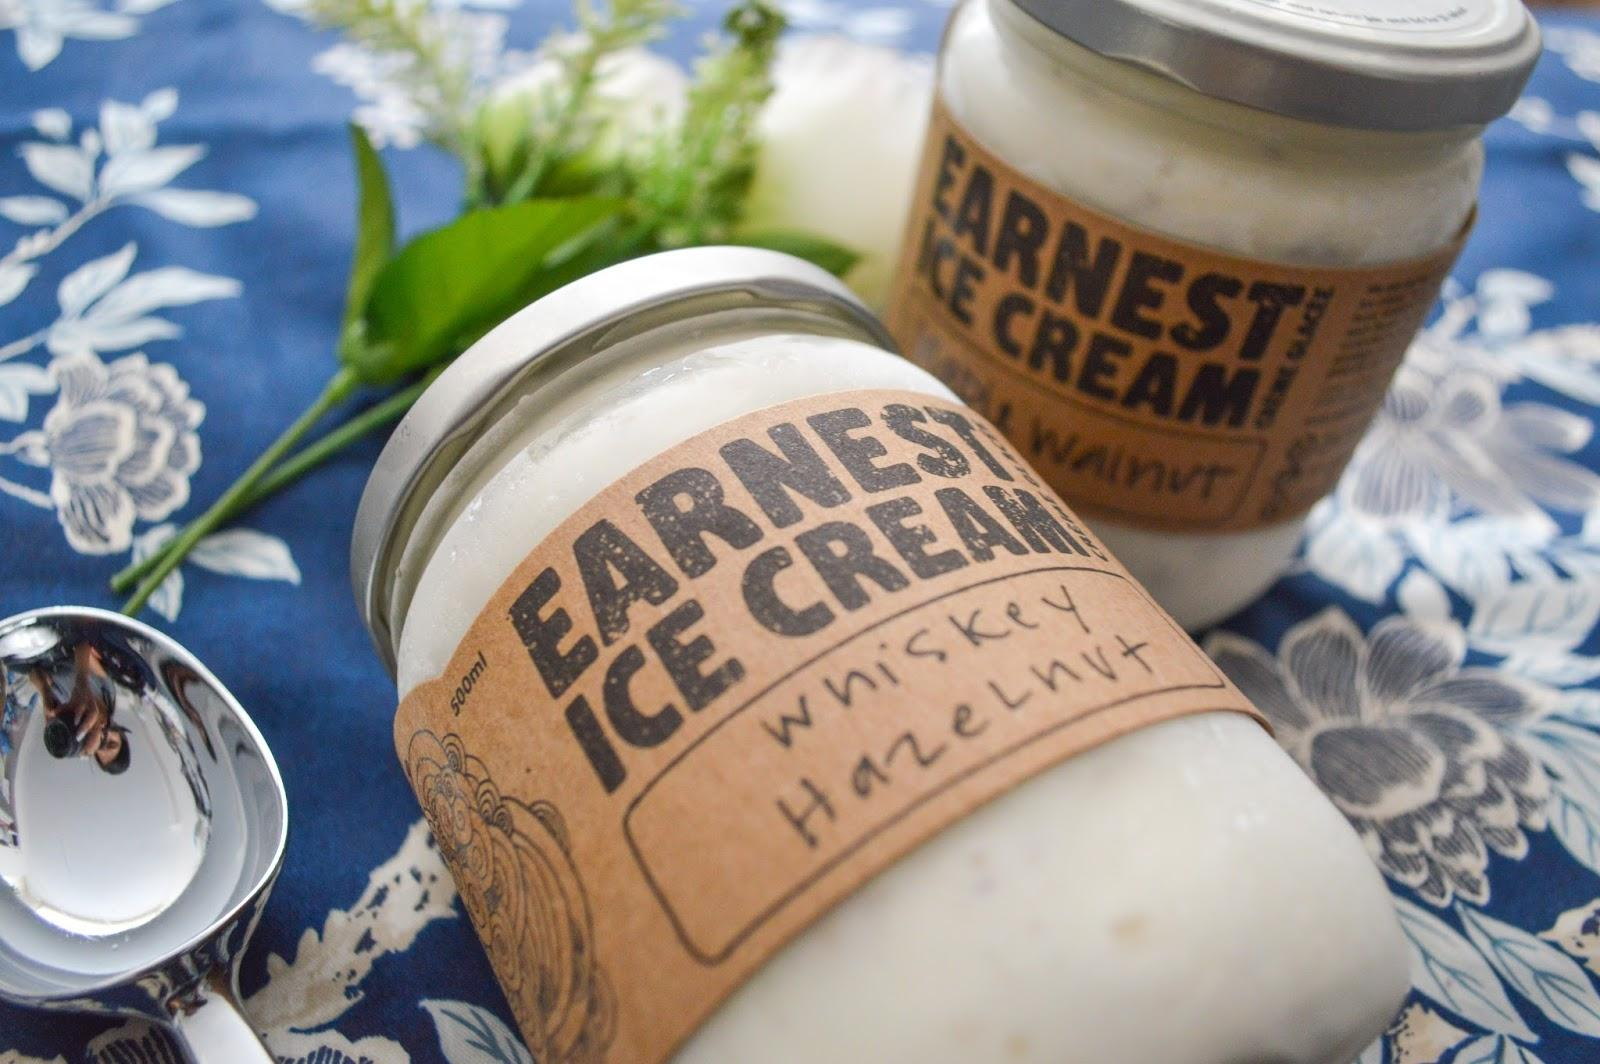 Ernest Ice Cream